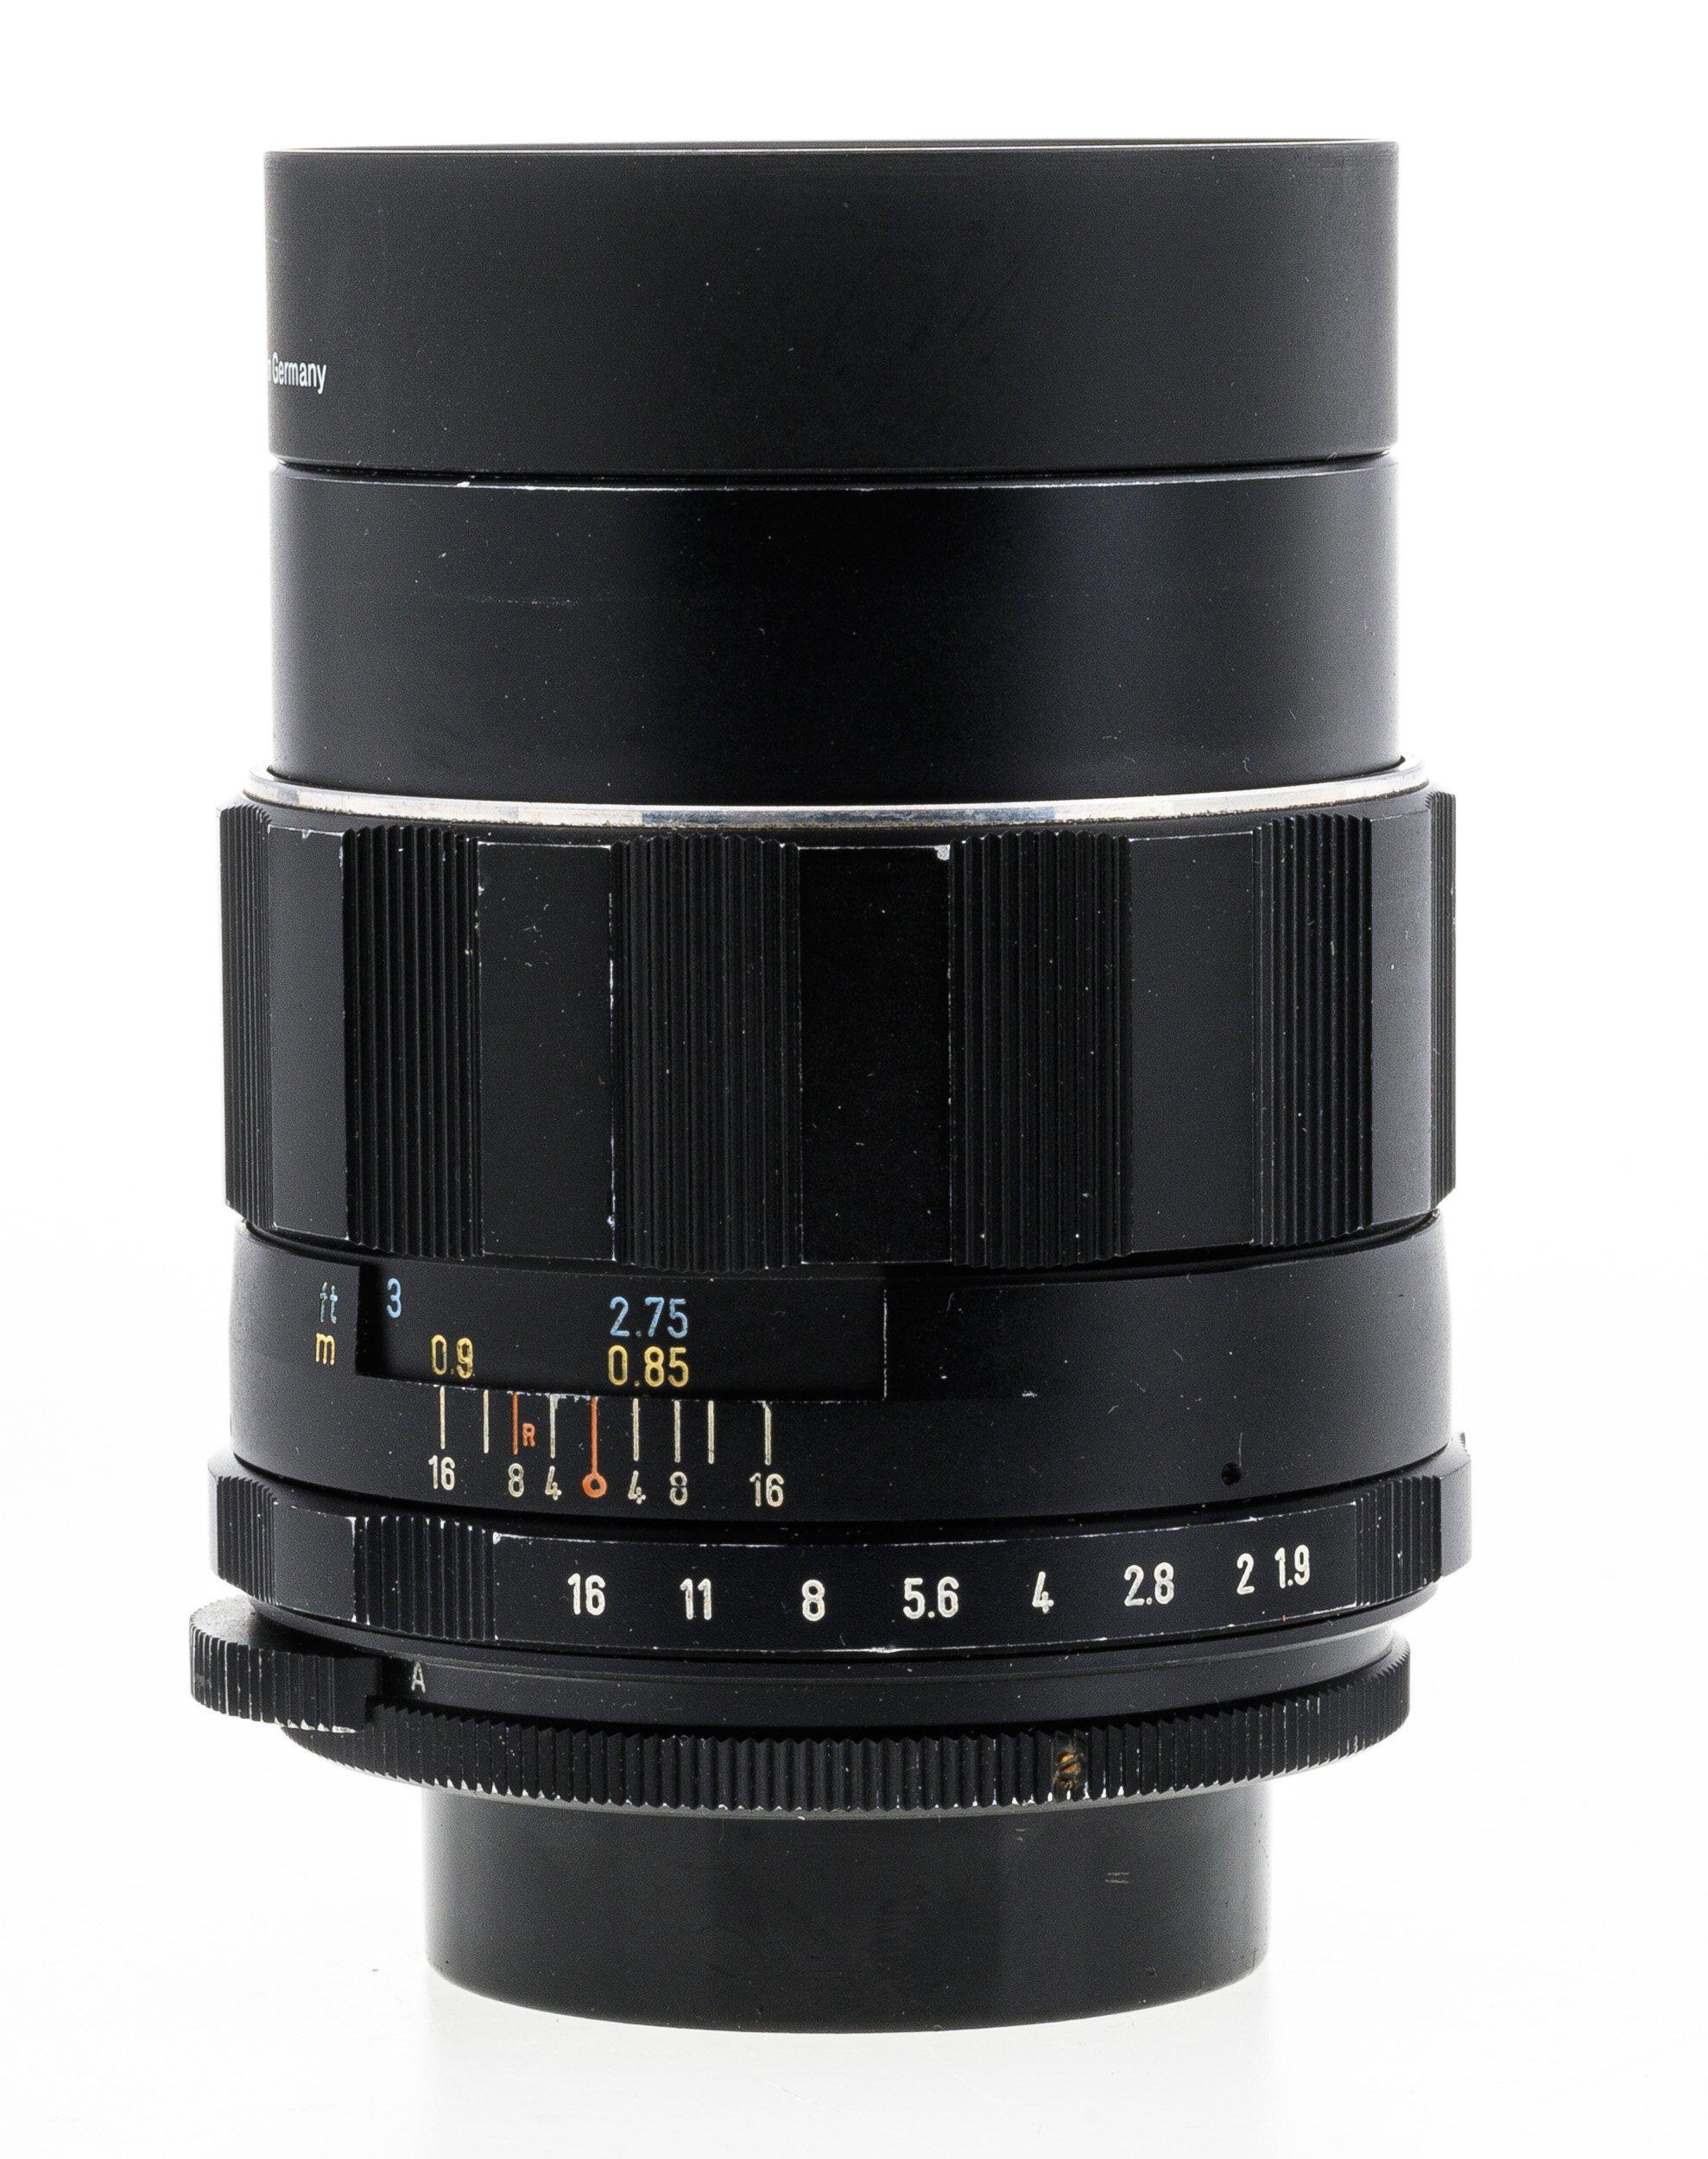 Pentax M42 Super-Takumar 1,9/85mm